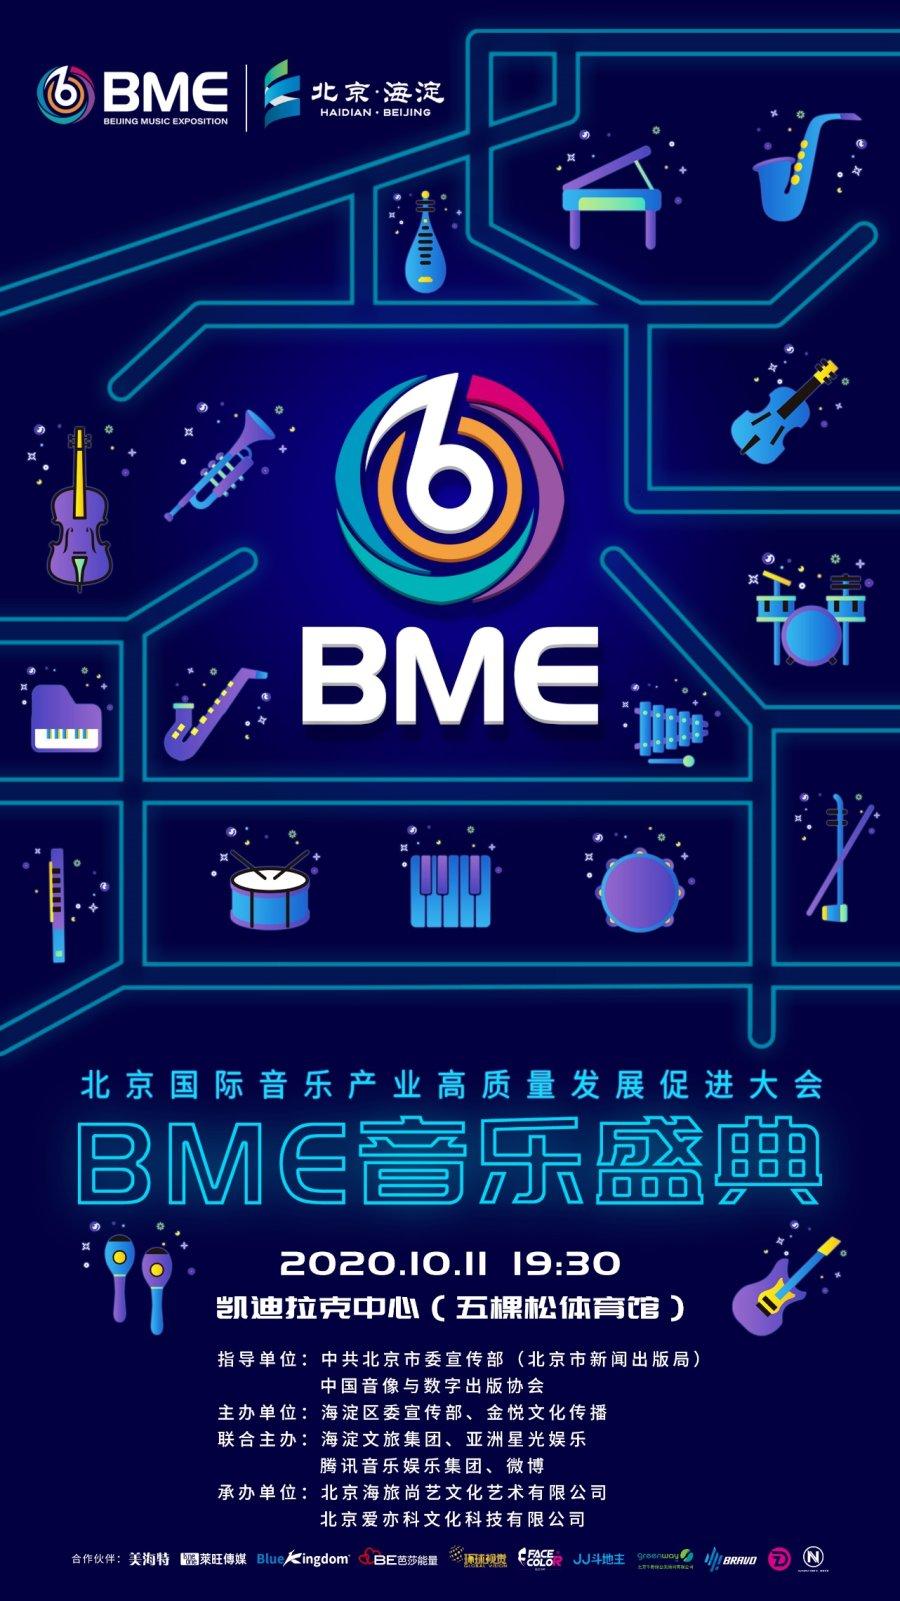 北京疫情后首次室内大型演出活动BME音乐盛典圆满落幕